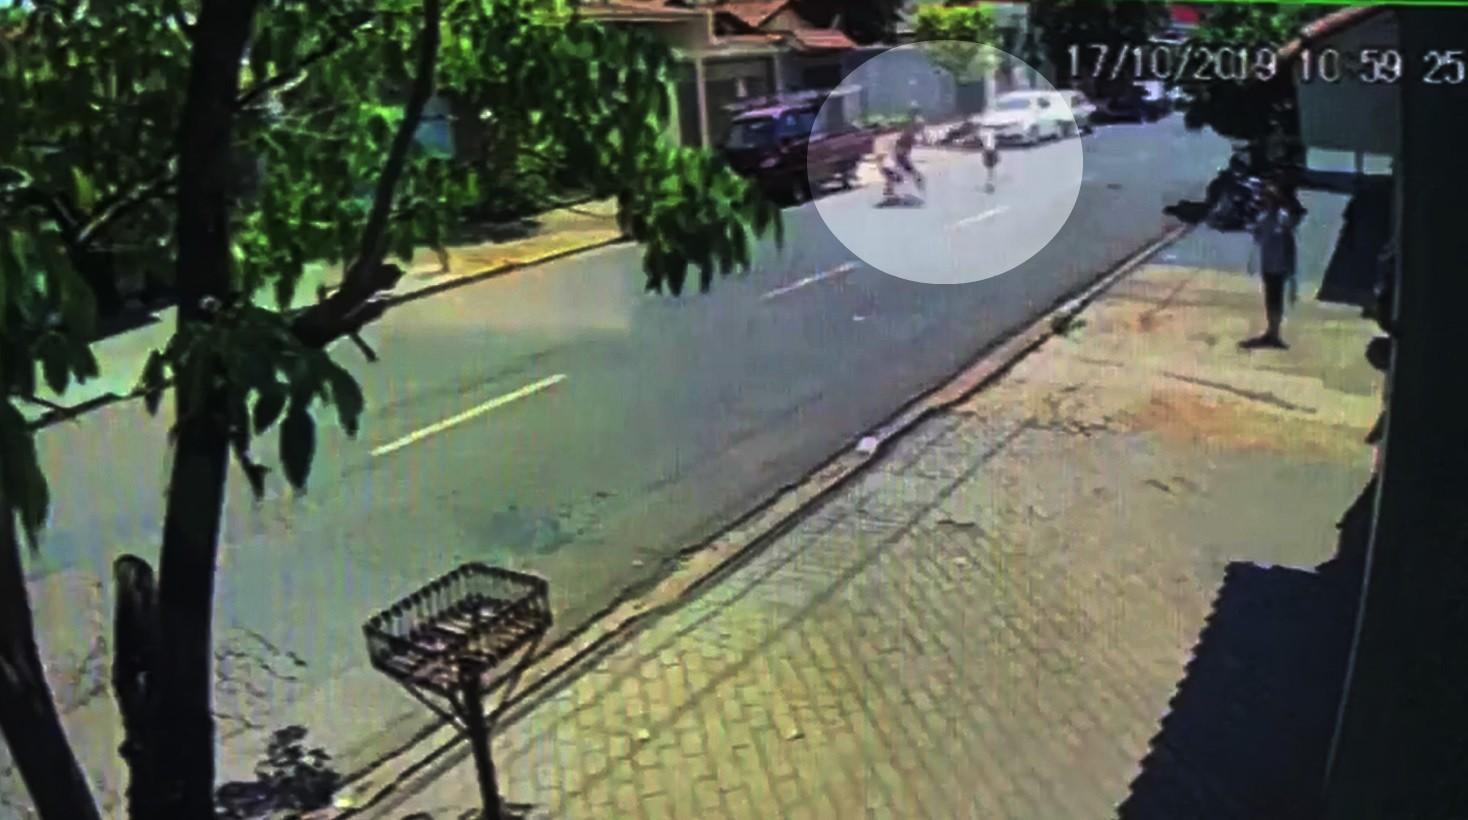 Homem é atropelado por motociclista na zona Norte de Ribeirão Preto; veja vídeo - Notícias - Plantão Diário